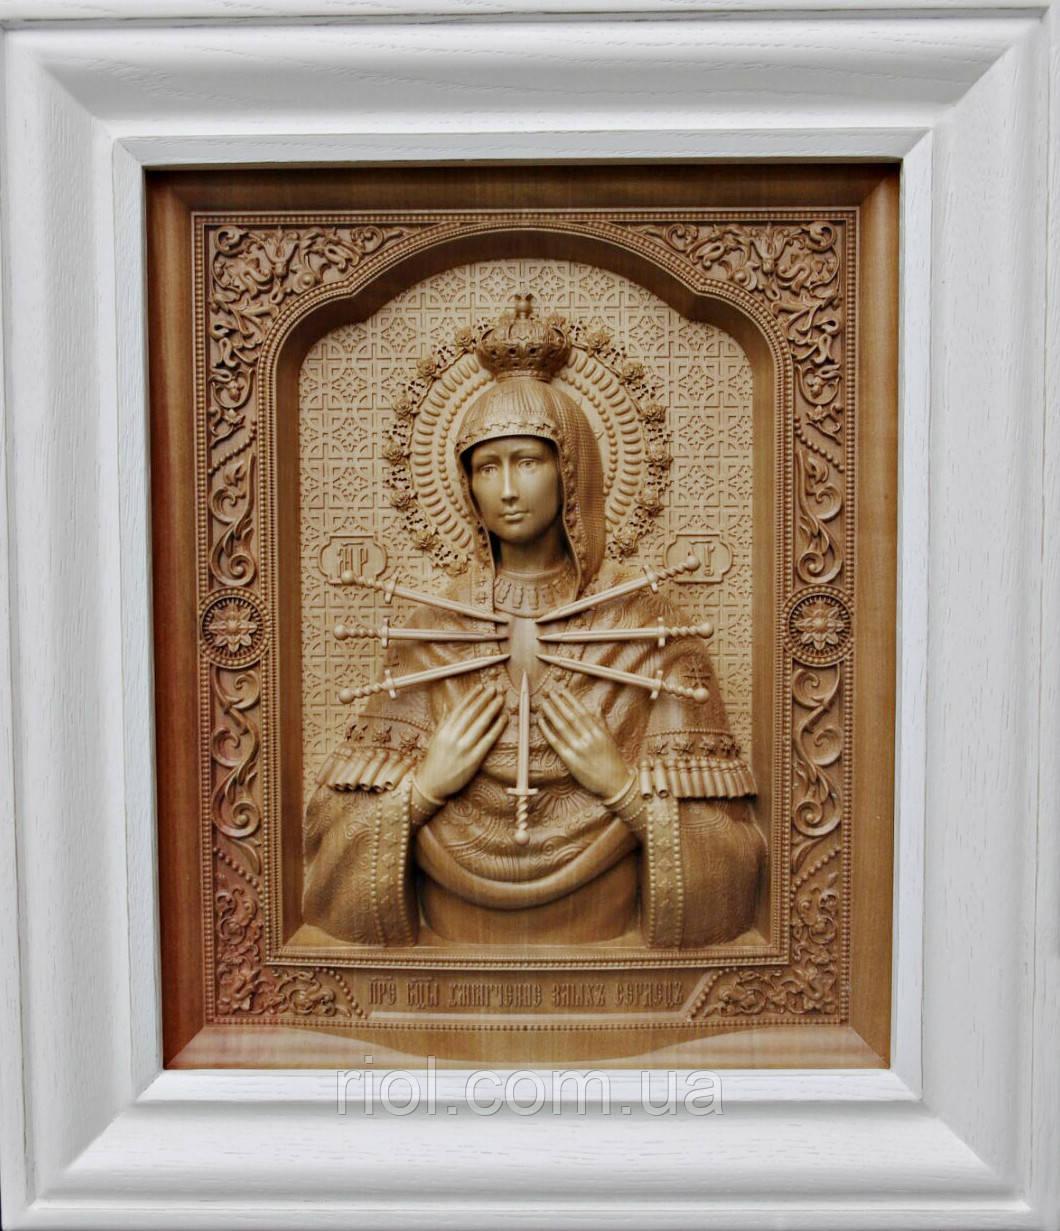 Семистрельная ікона Божої Матері різьблена дерев'яна (бук)